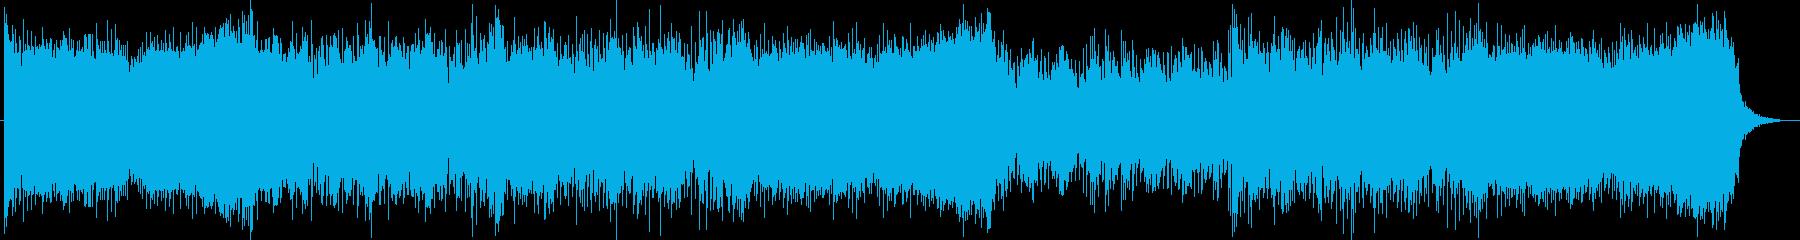 迫力と宇宙感のあるシンセサイザーサウンドの再生済みの波形